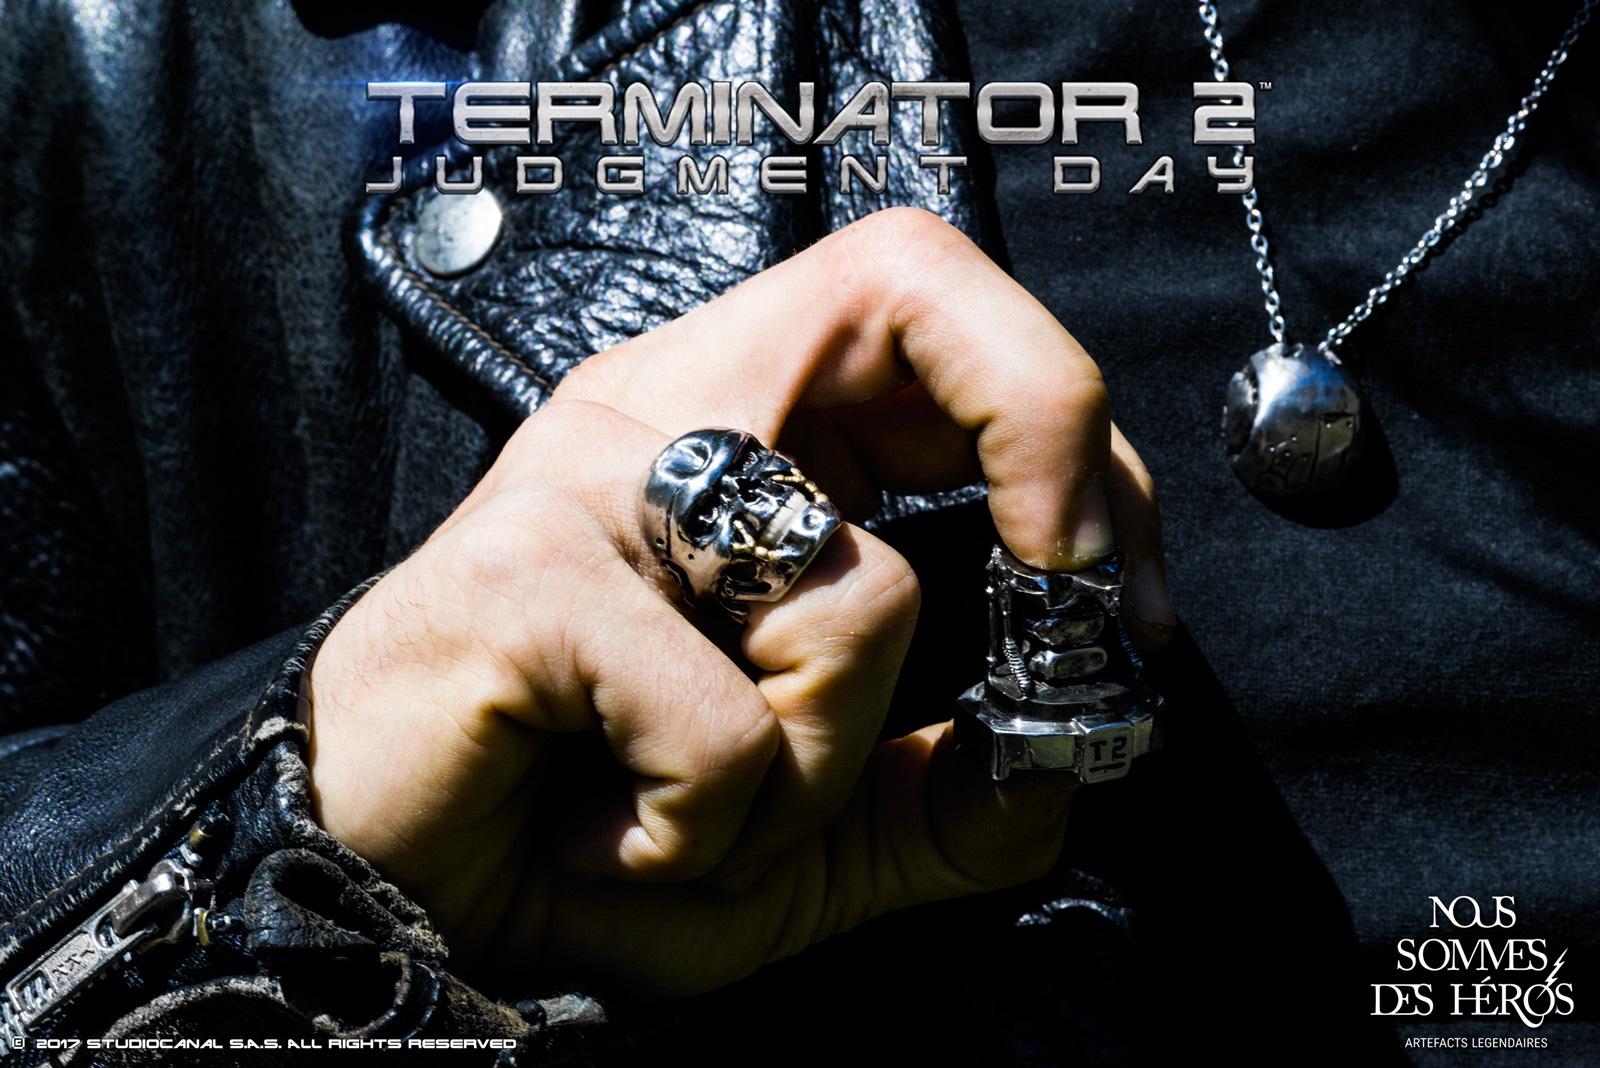 Bijoux Terminator 2 - Nous sommes des héros